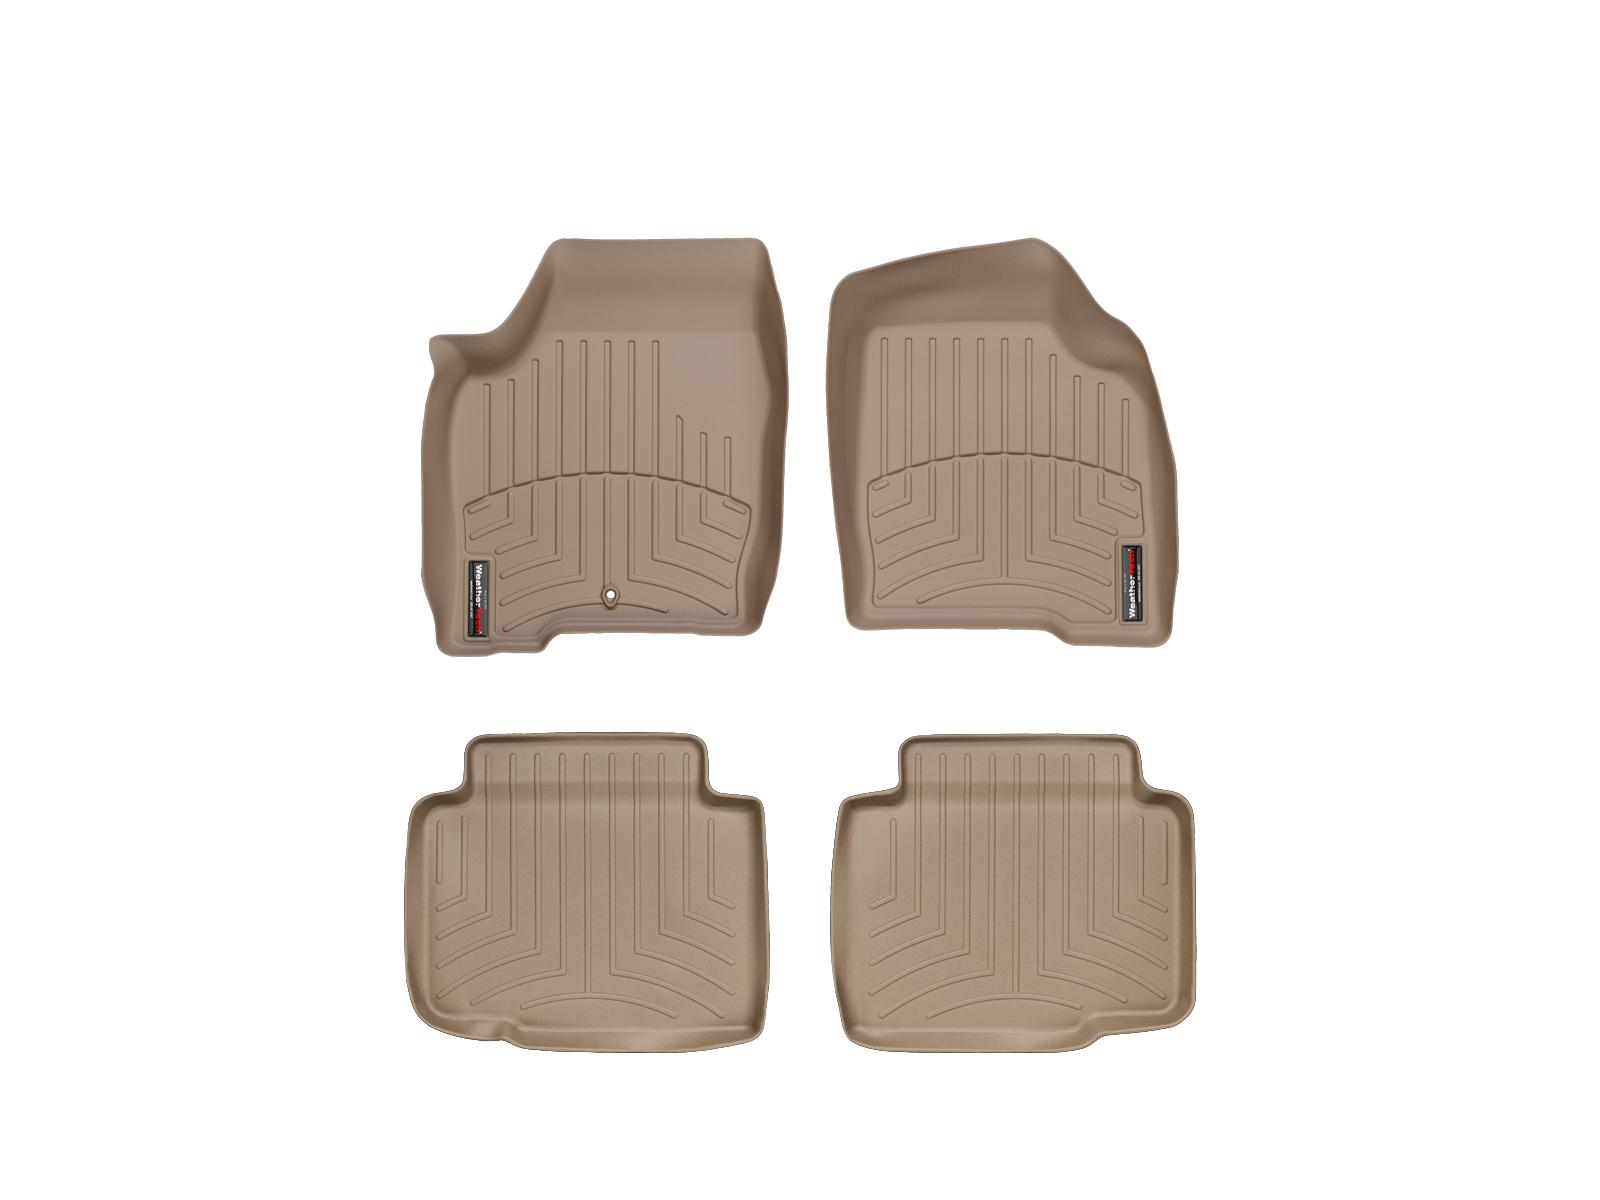 Tappeti gomma su misura bordo alto Chevrolet Impala Limit. 14>16 Marrone A134